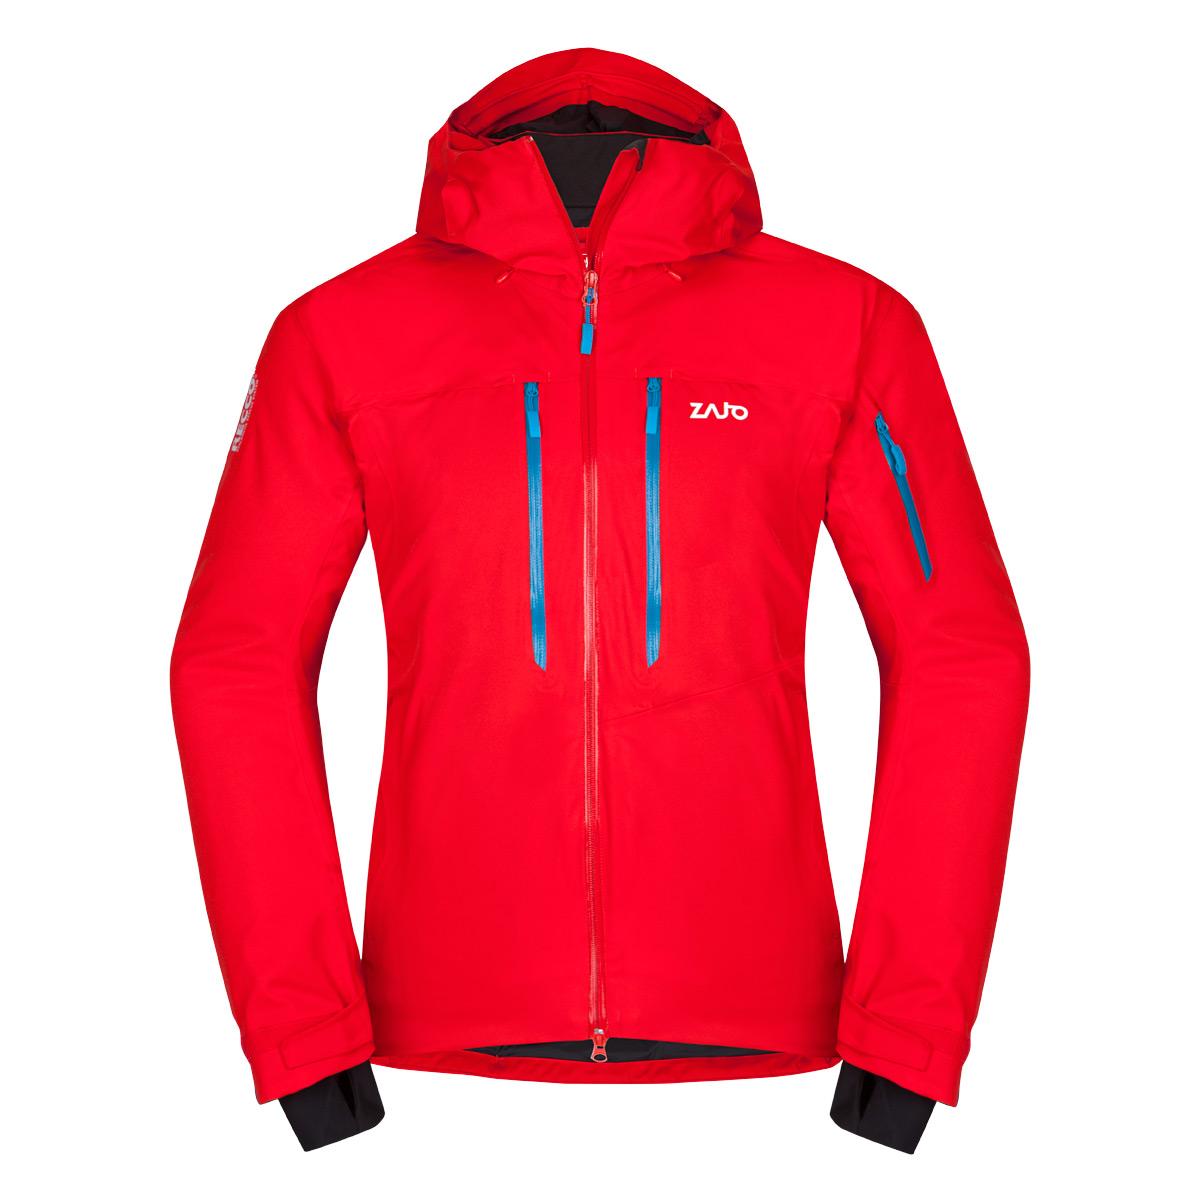 Pánska bunda Zajo Nuuk Neo JKT Fiery Red - veľkosť XS